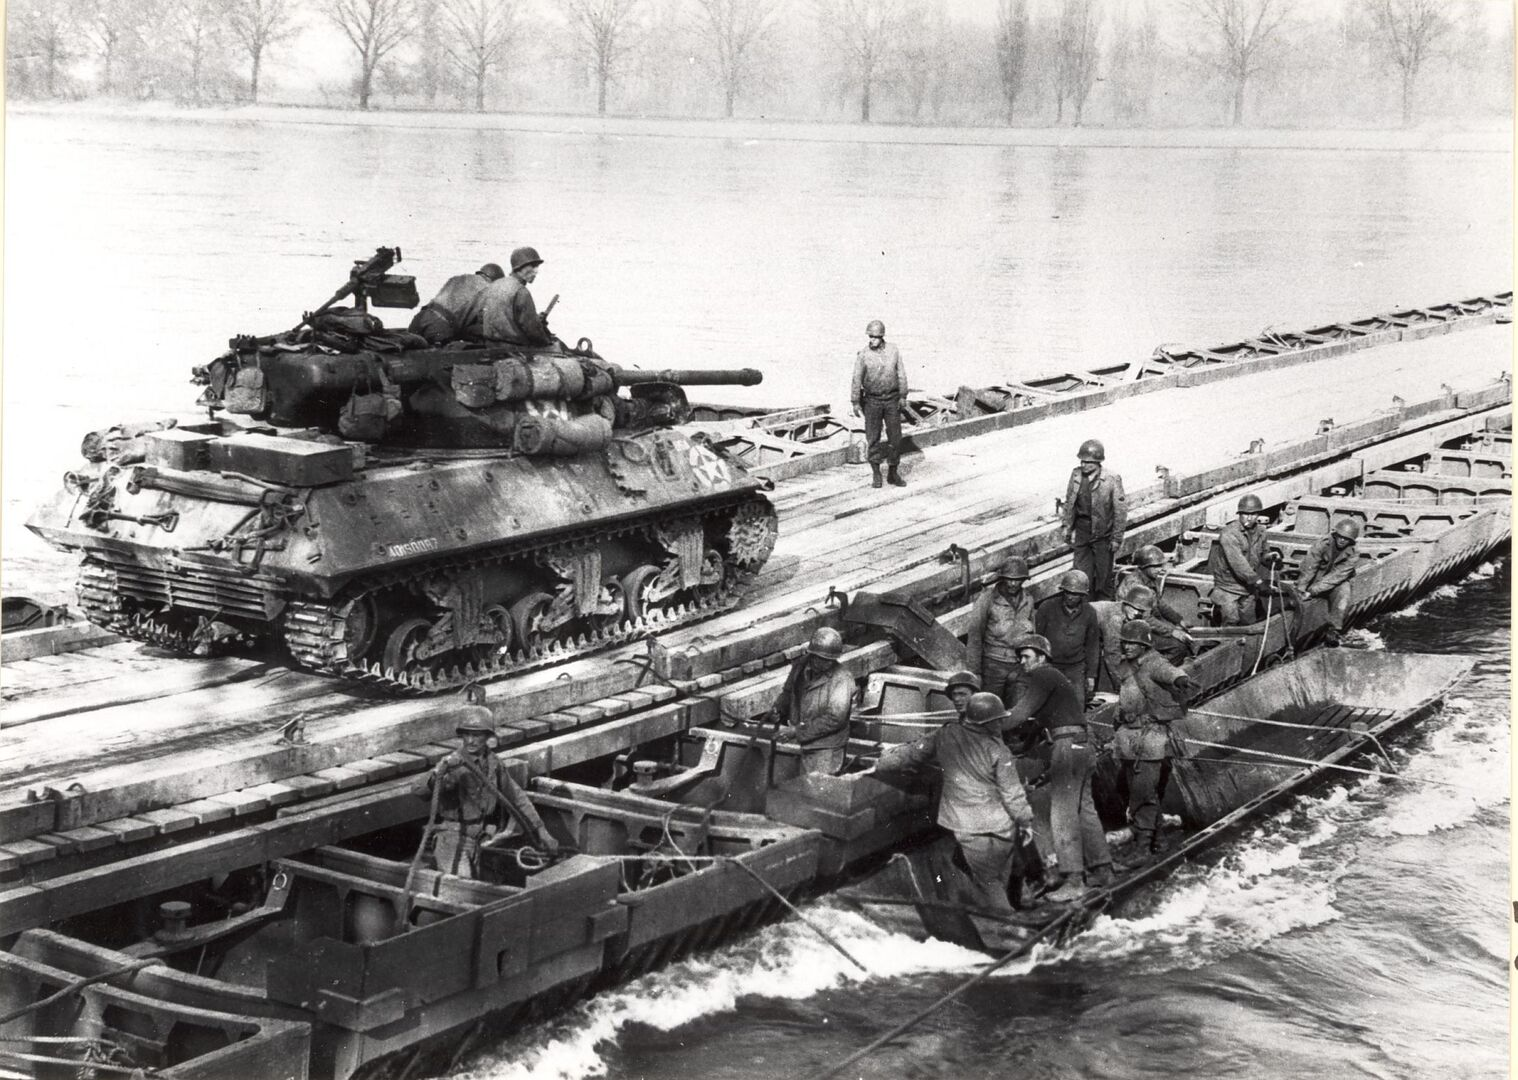 """Amerikanische Soldaten überqueren mit einem M 36 """"Jackson"""" Panzer über eine am 24. März 1945 errichtete Pontonbrücke den Rhein bei Oppenheim"""